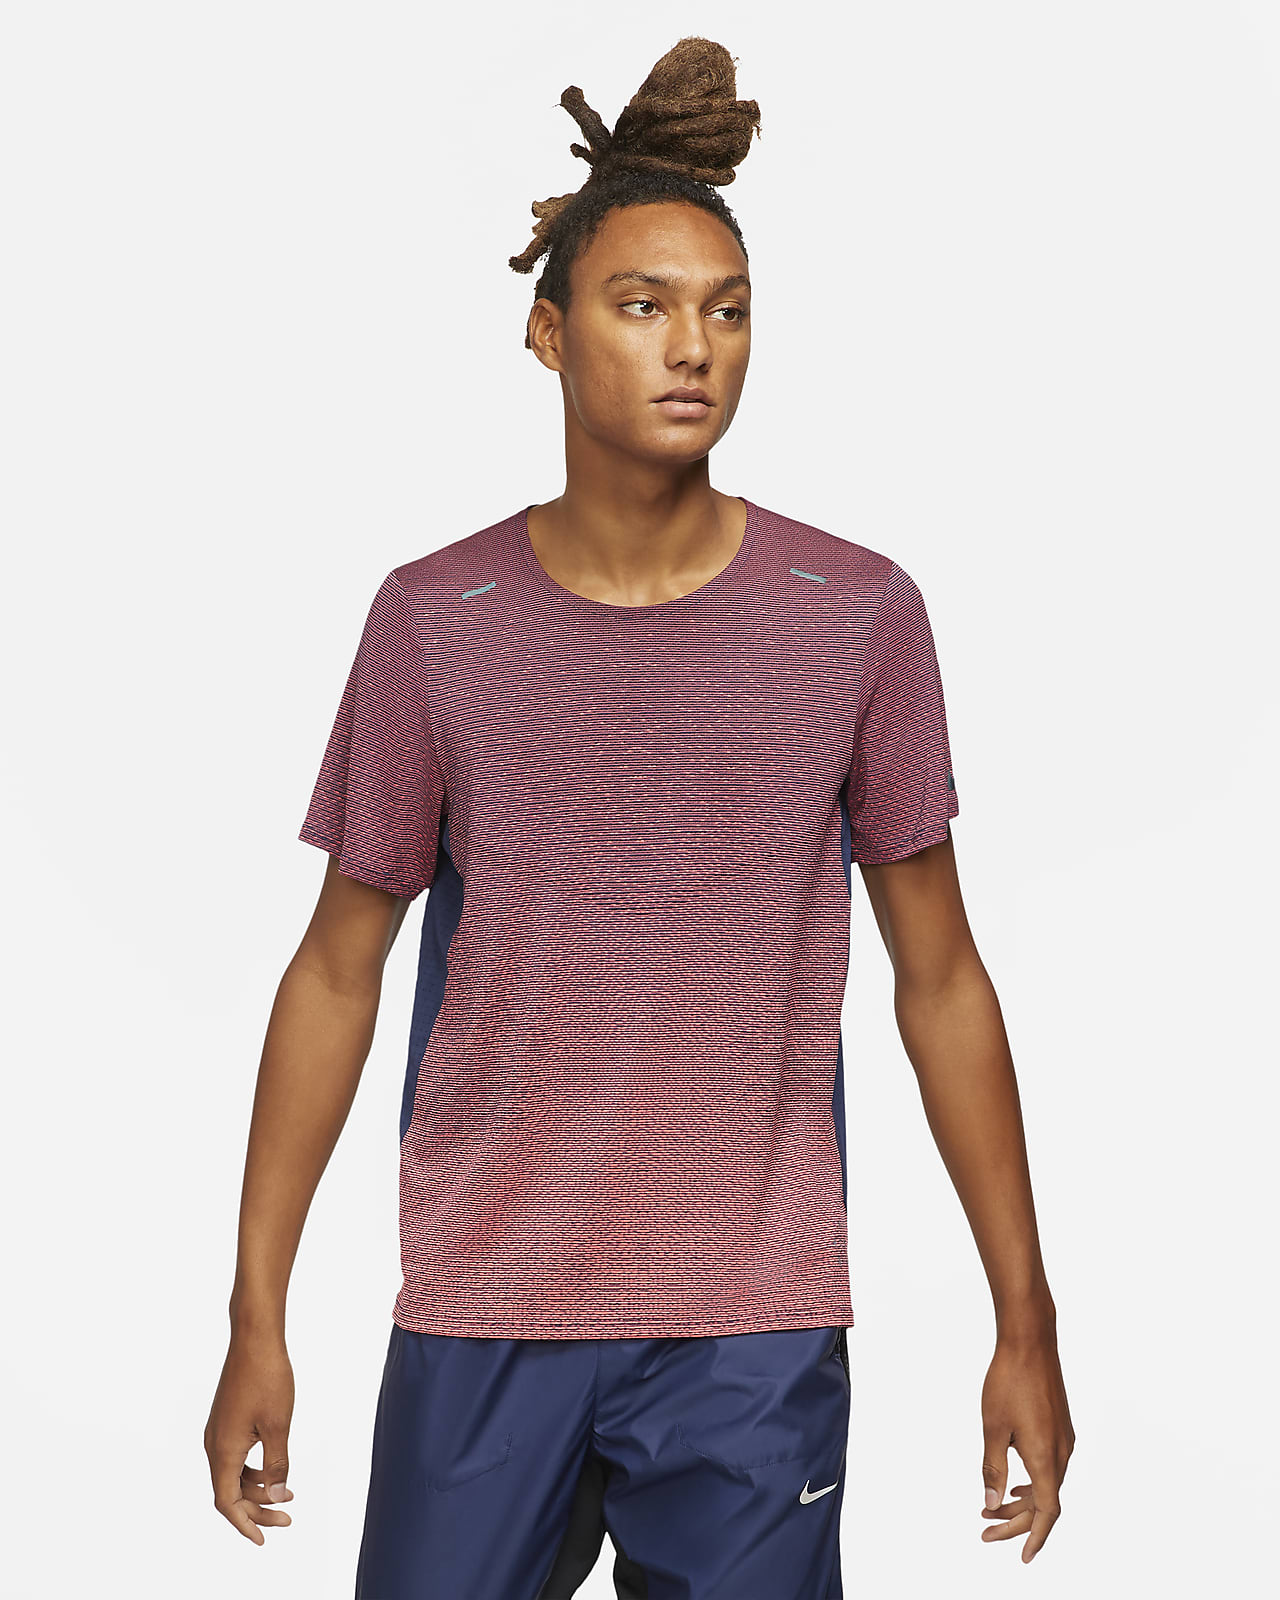 Nike Pinnacle Run Division Kısa Kollu Erkek Koşu Üstü